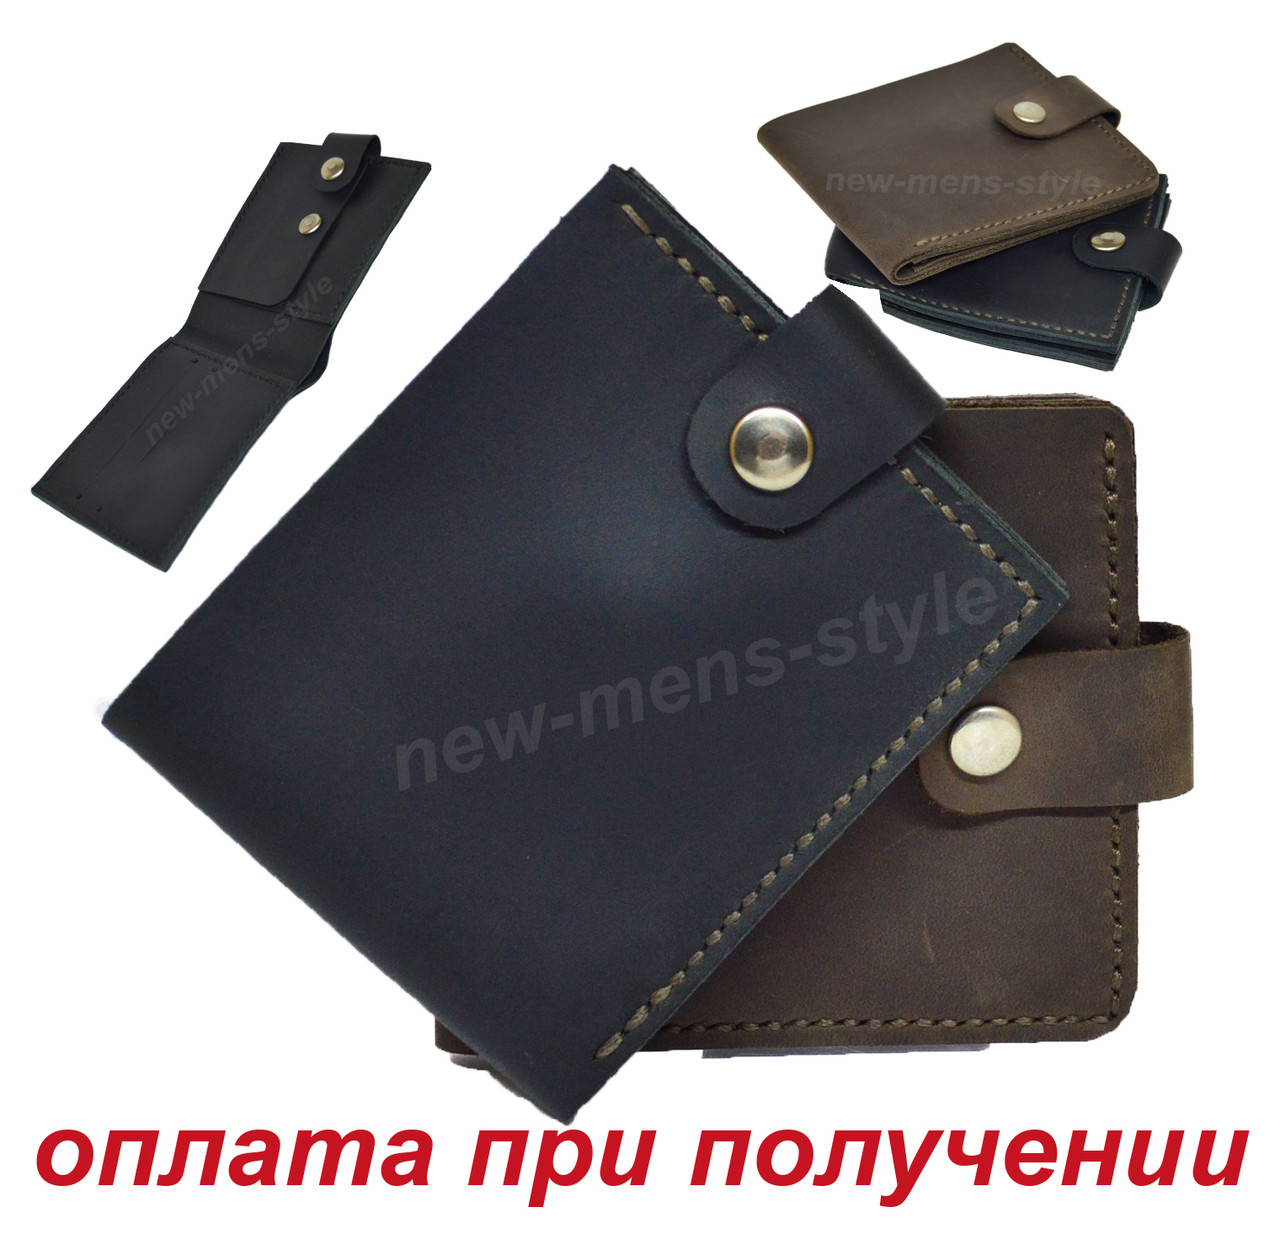 Стильний чоловічий гаманець портмоне гаманець, натуральна шкіра ручної роботи